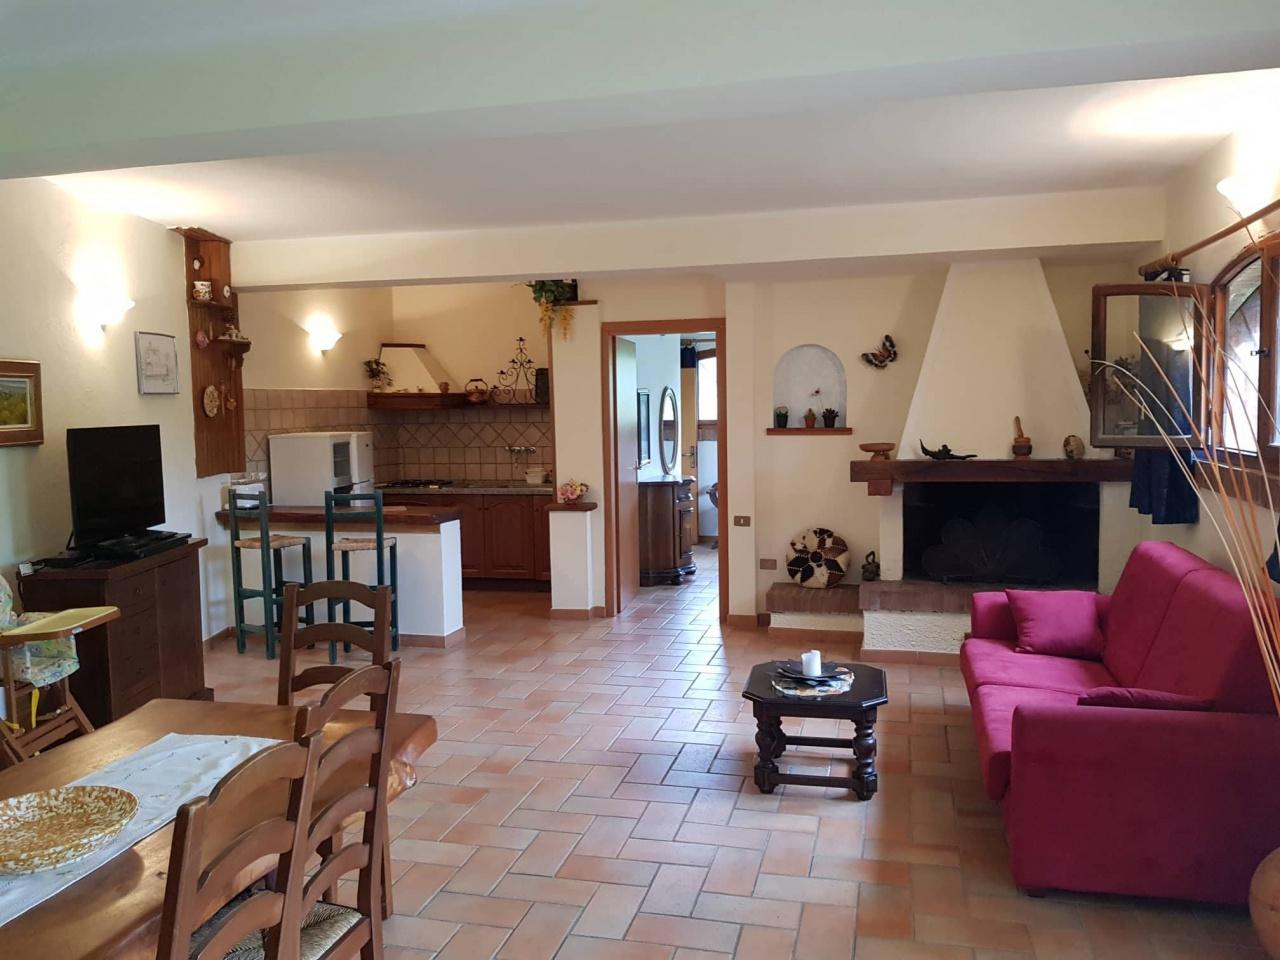 Appartamento in vendita a Gavorrano, 12 locali, prezzo € 1.100.000 | PortaleAgenzieImmobiliari.it